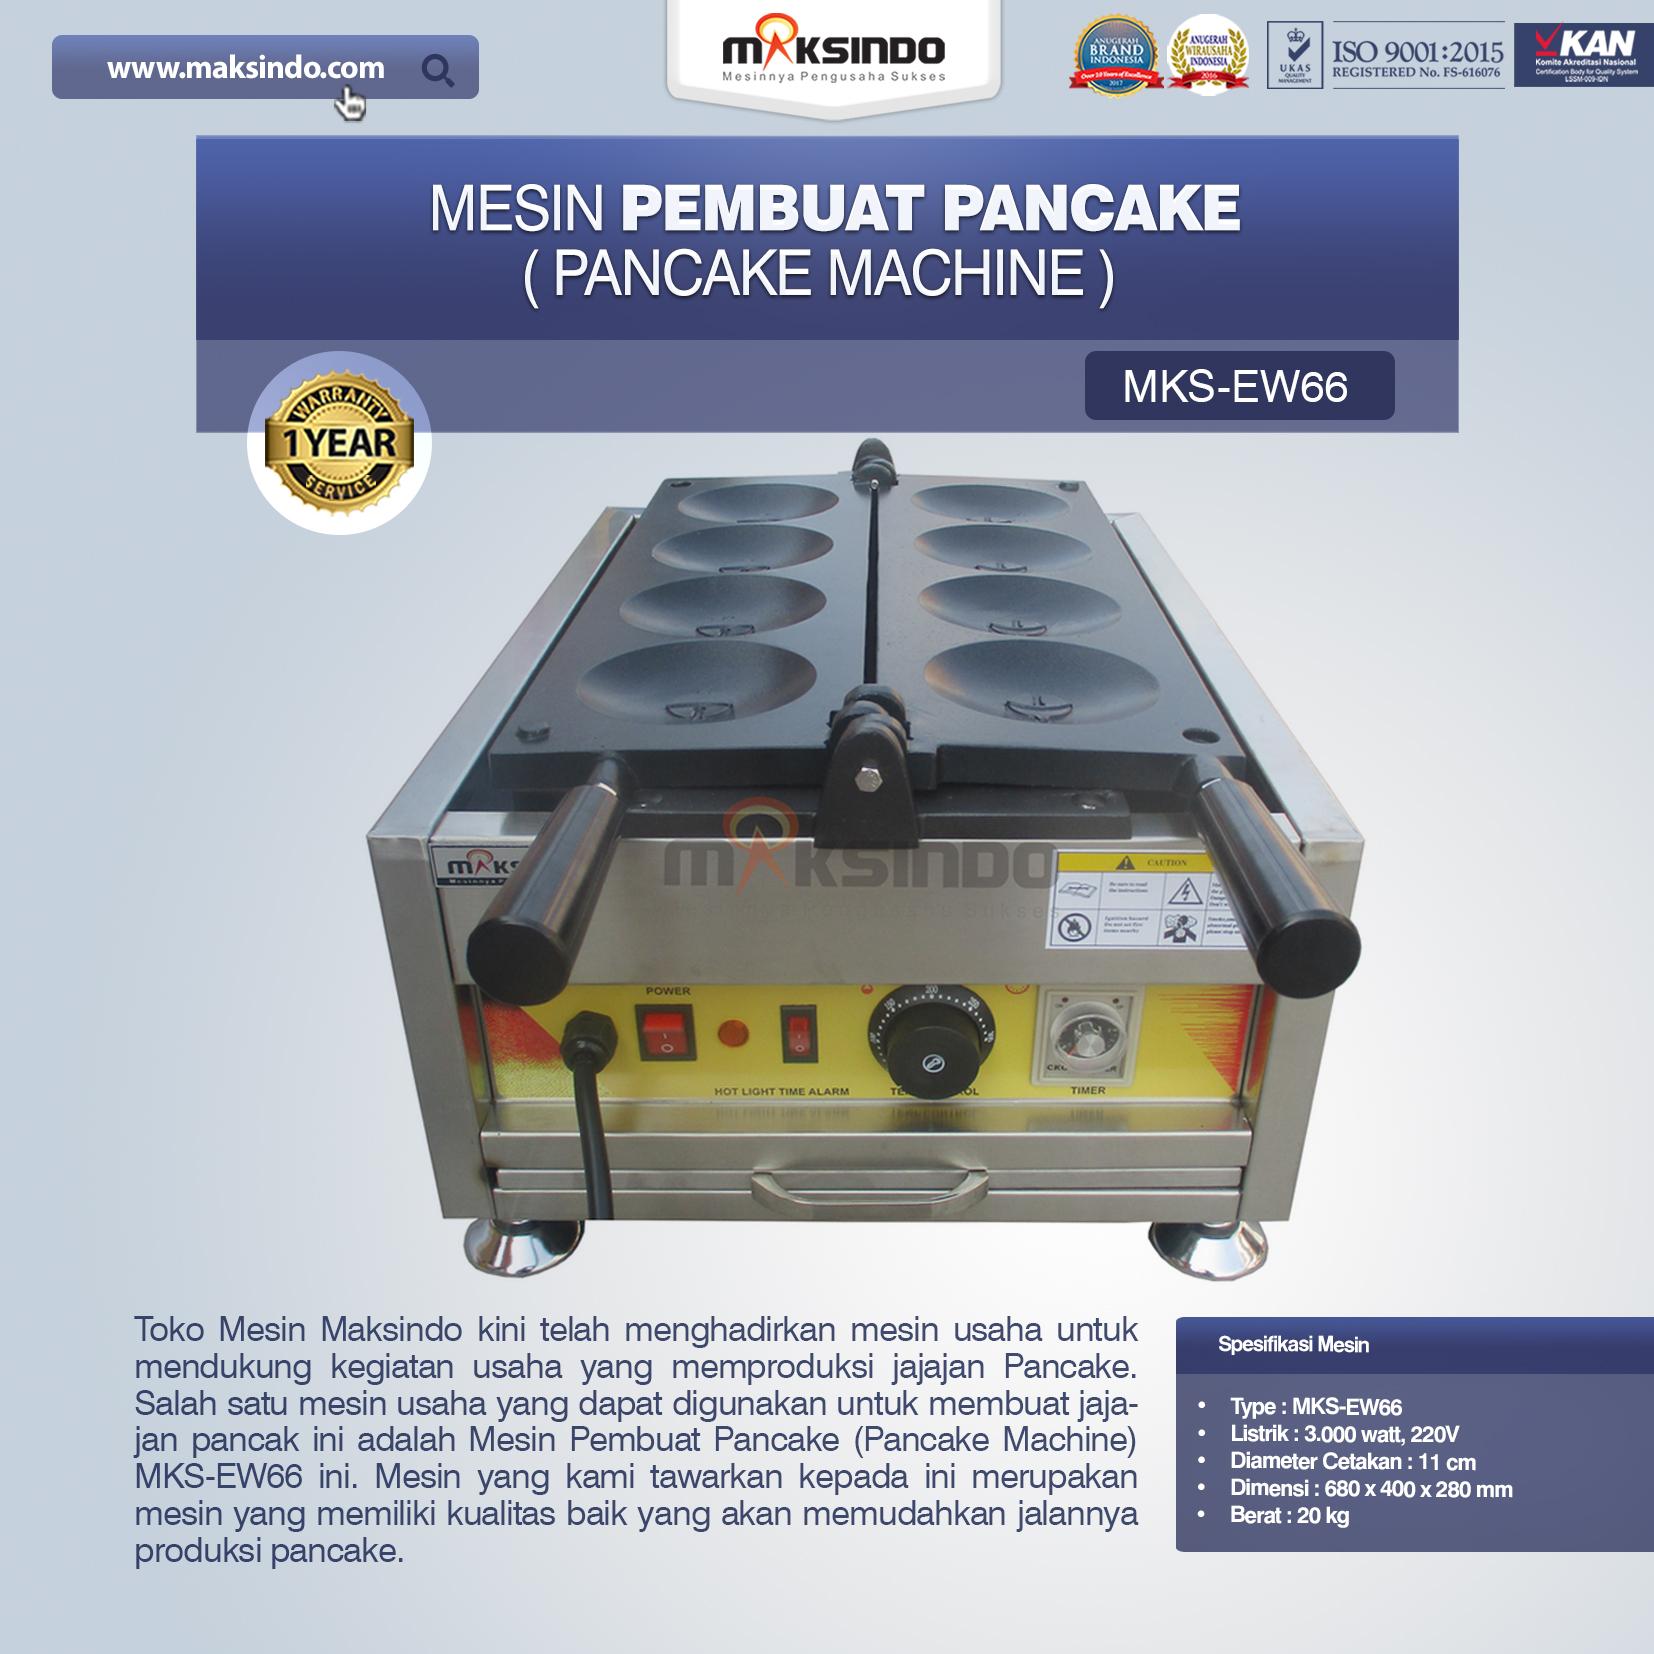 Mesin Pembuat Pancake (Pancake Machine) MKS-EW66